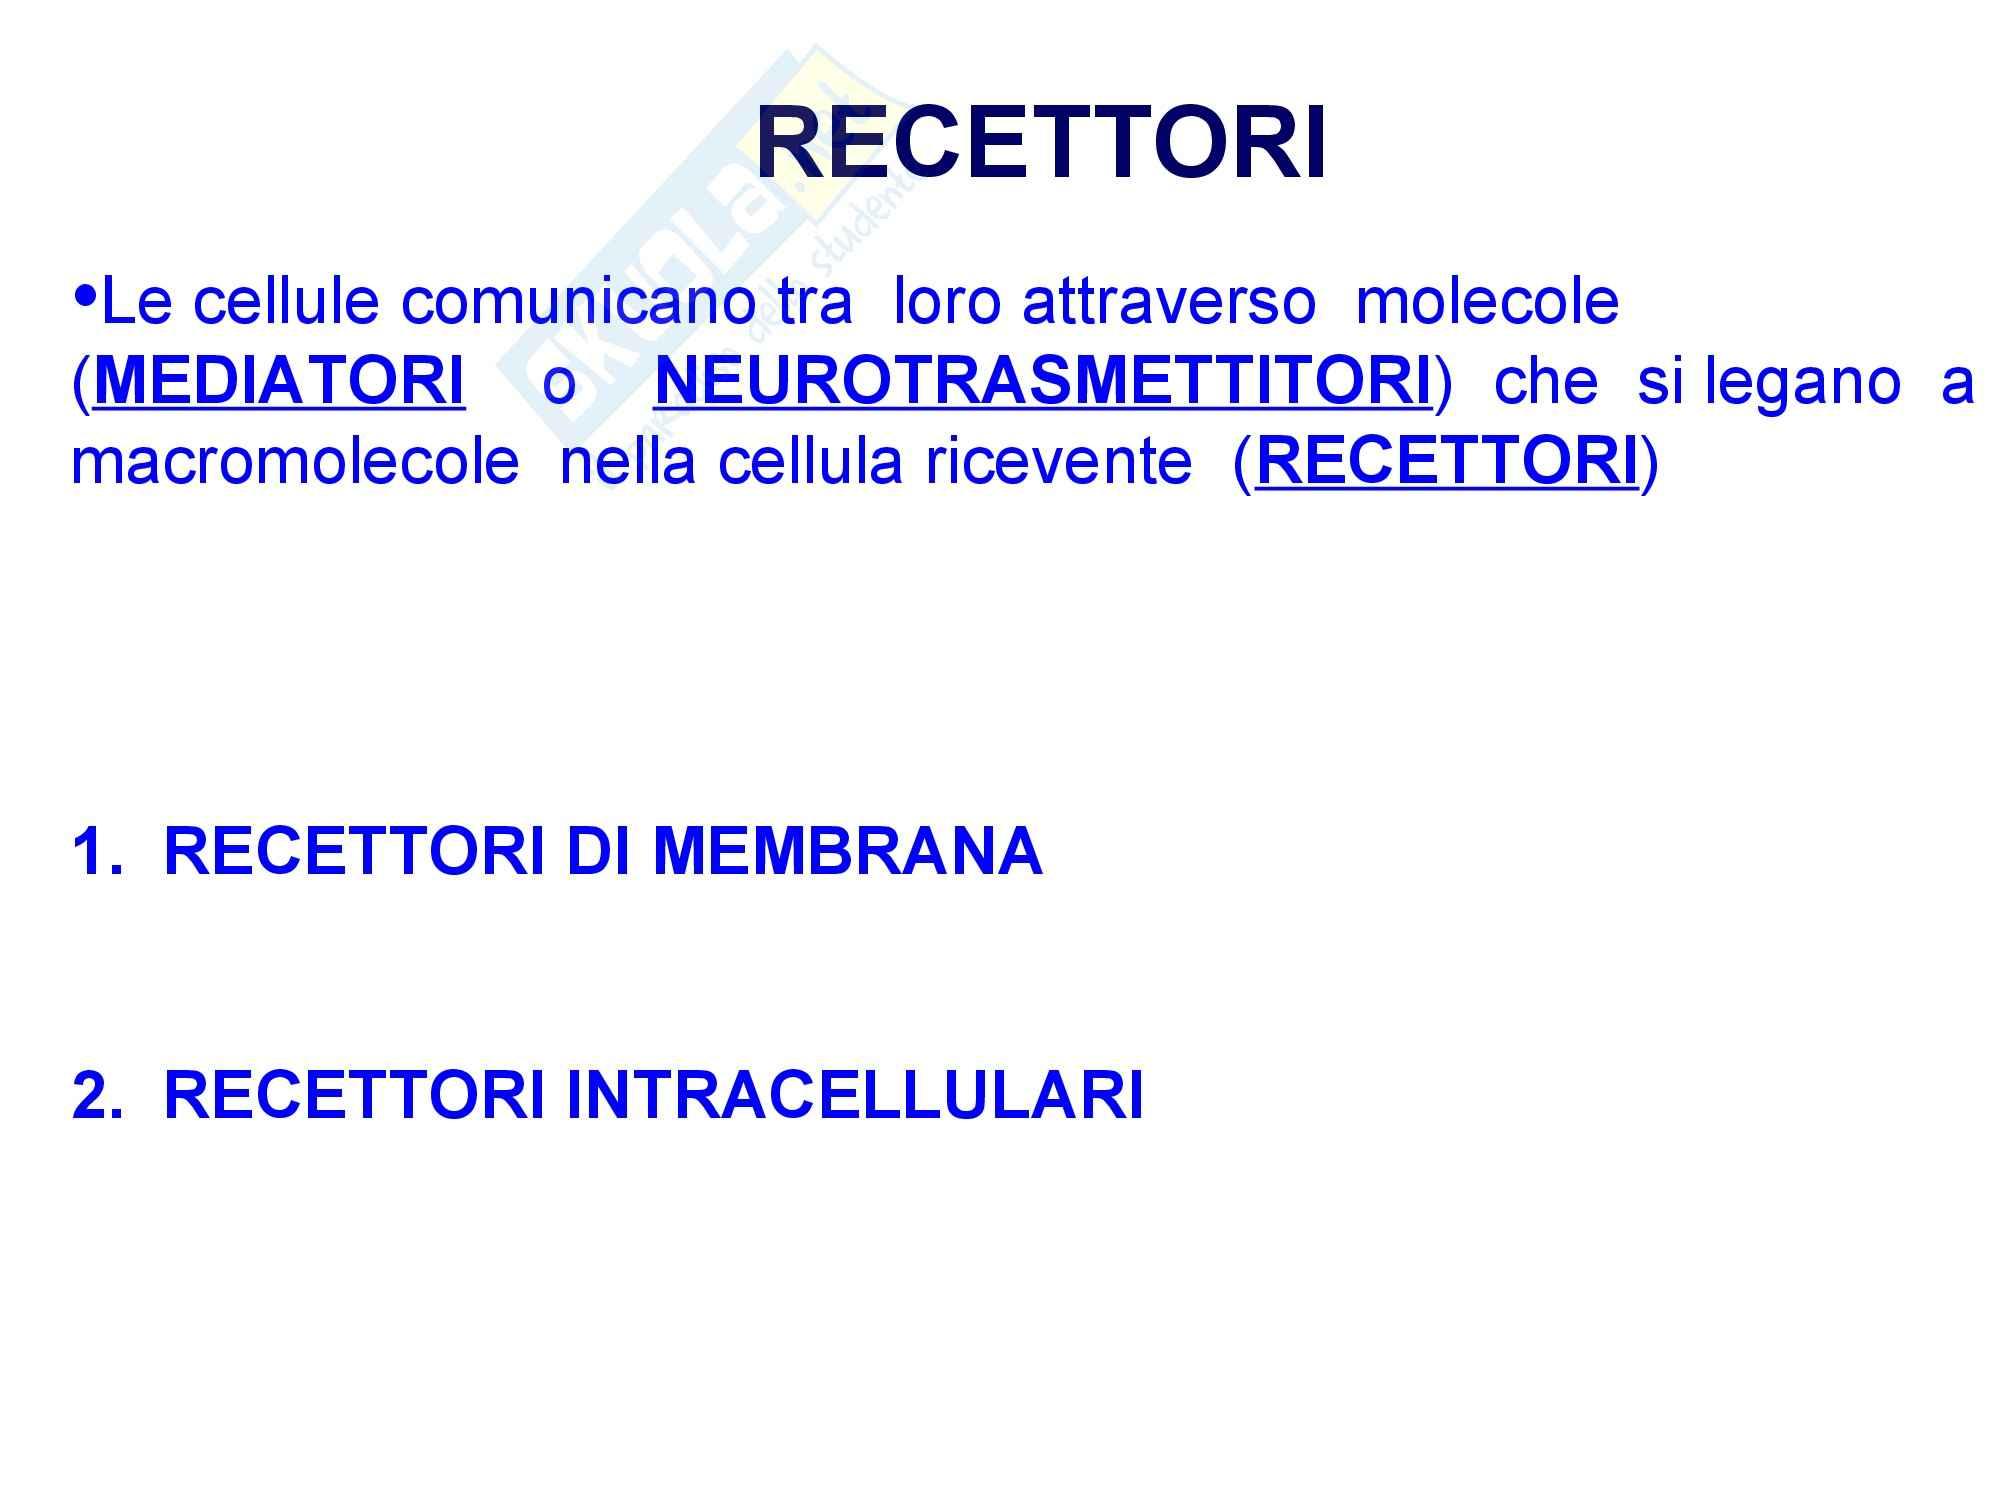 Fisioterapia - Farmacologia-recettori